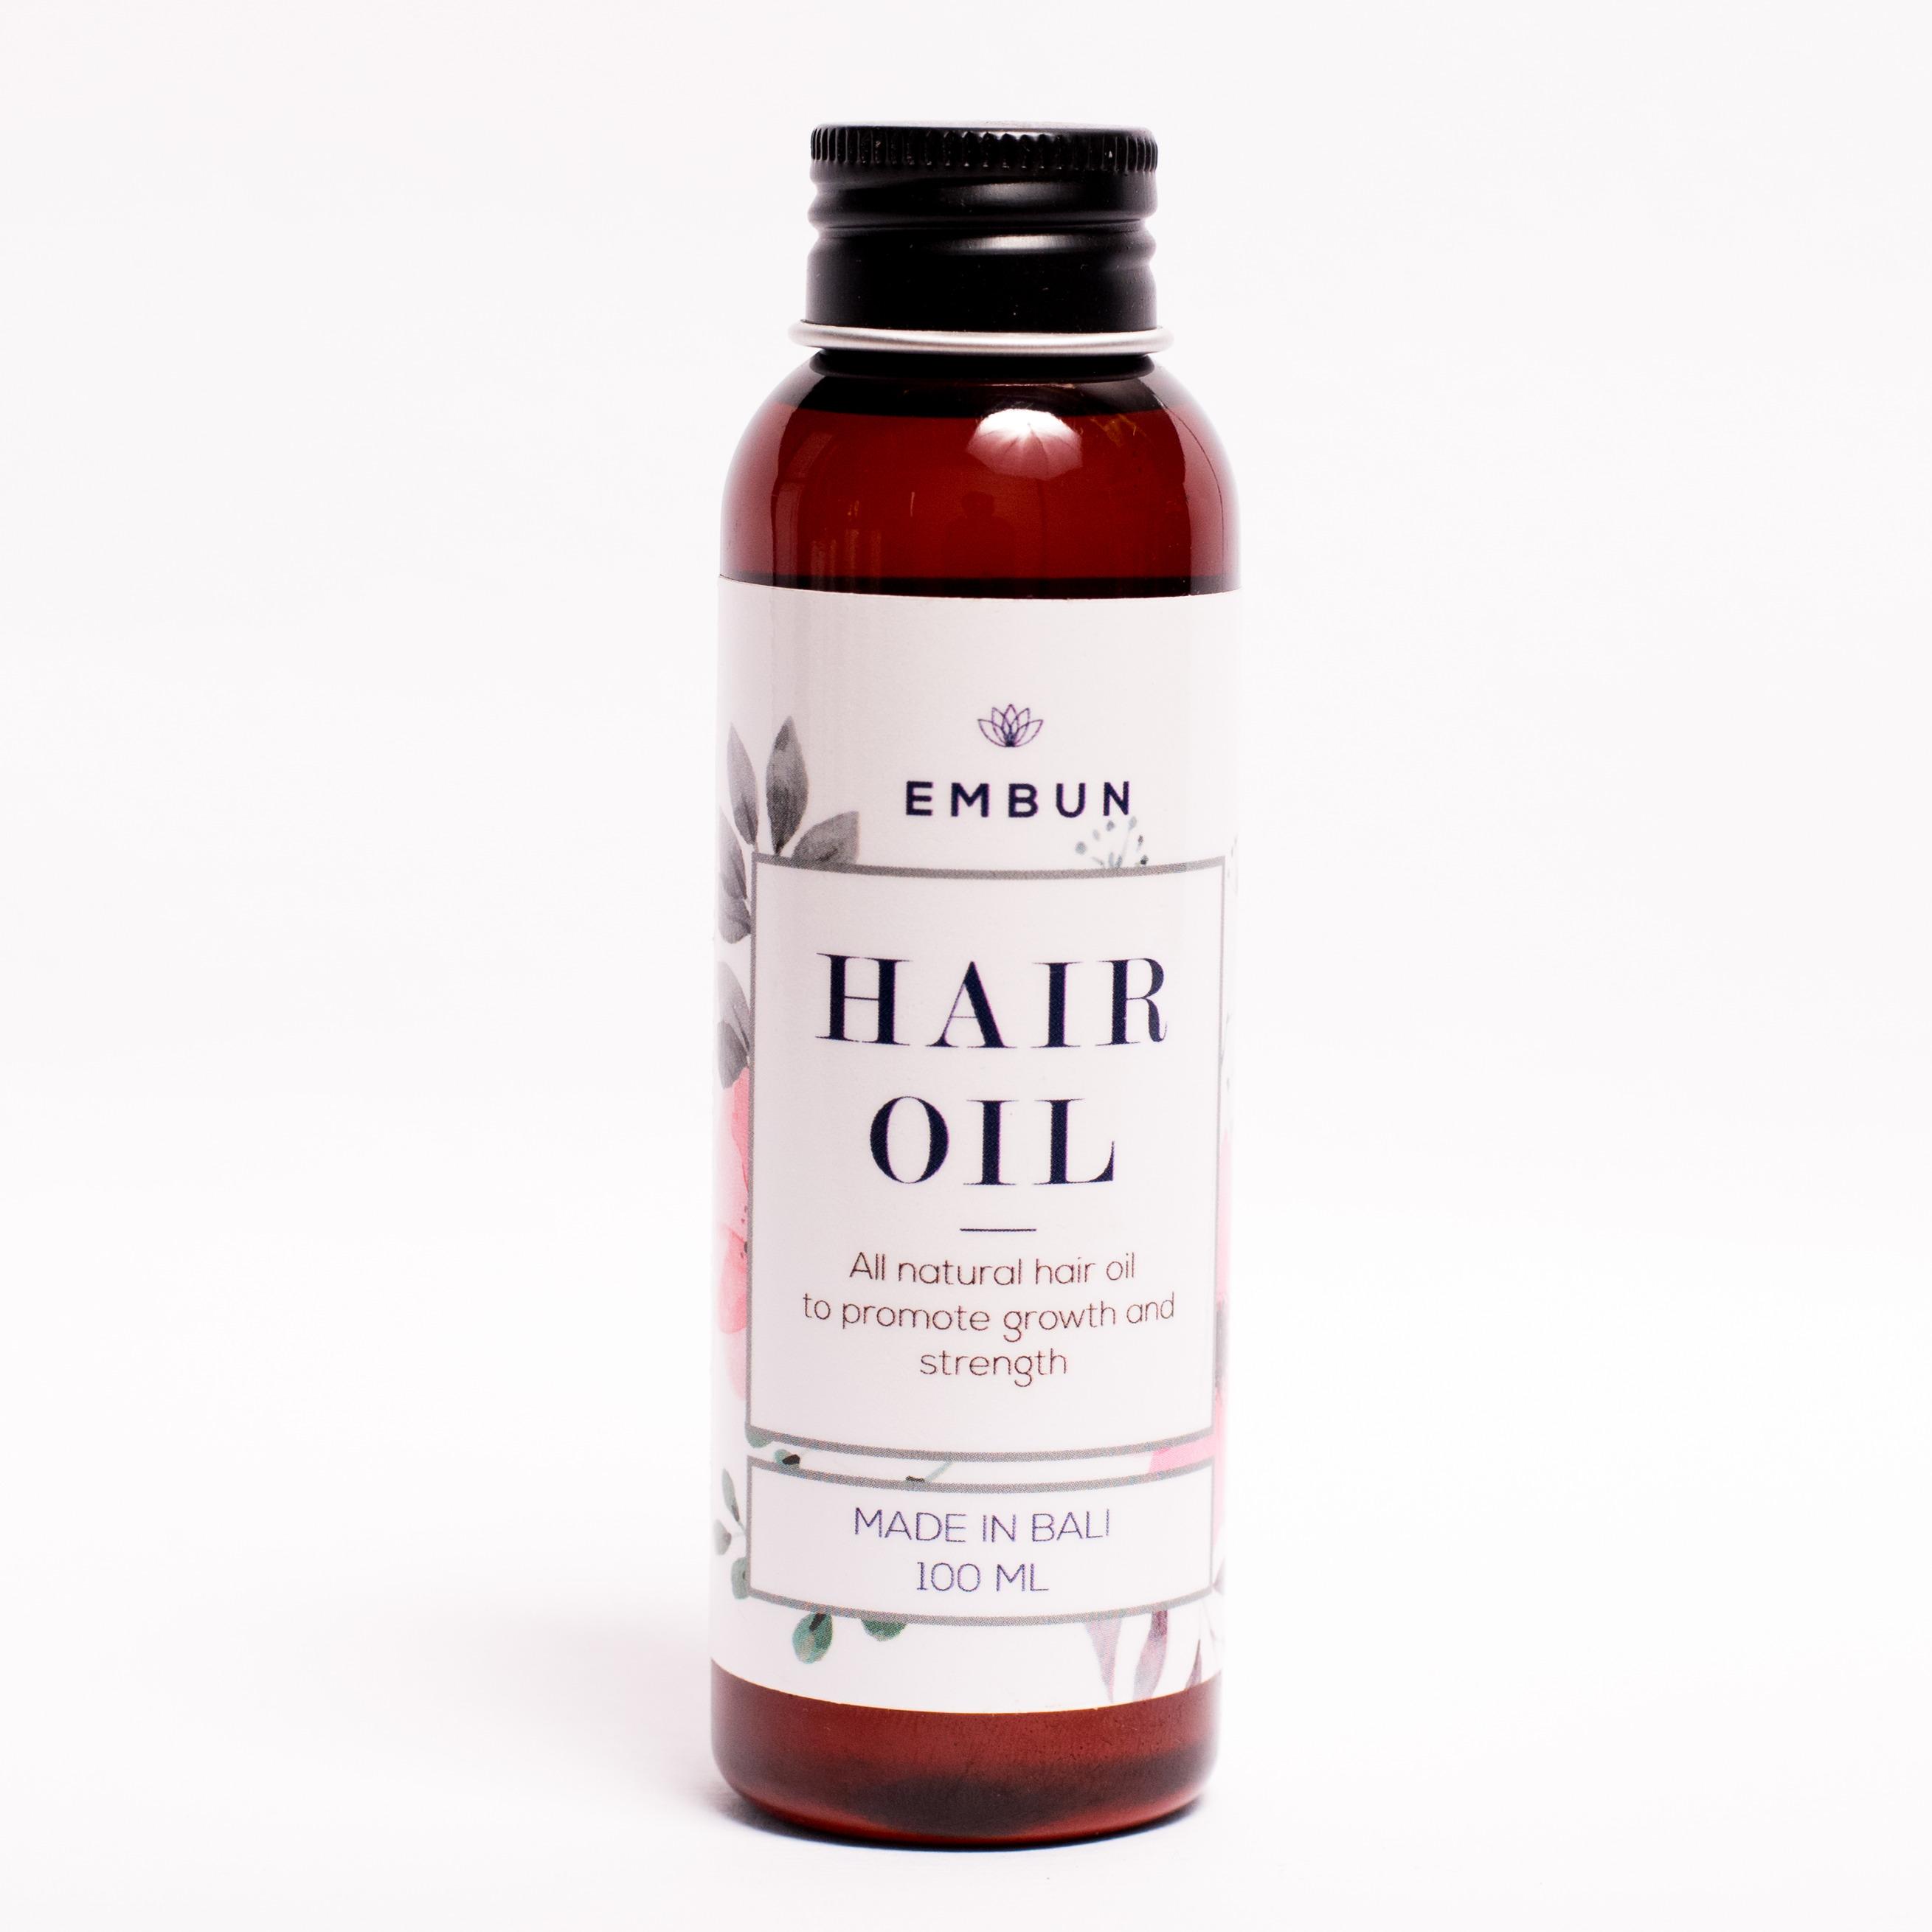 Embun Hair Growth Oil